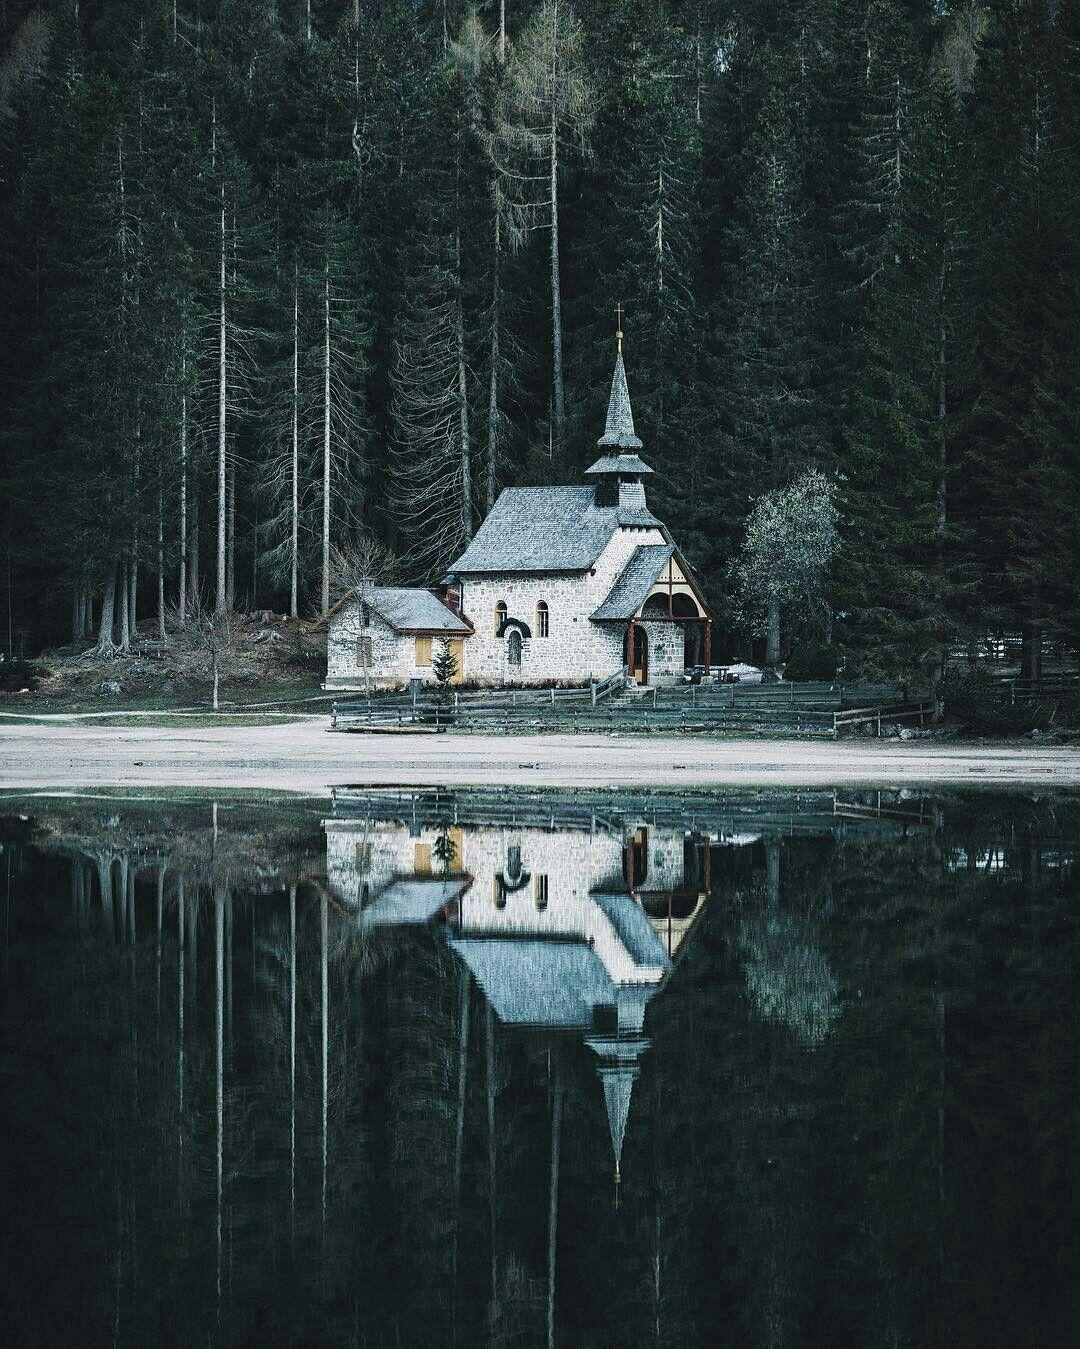 Lago di Braies (North Italy)